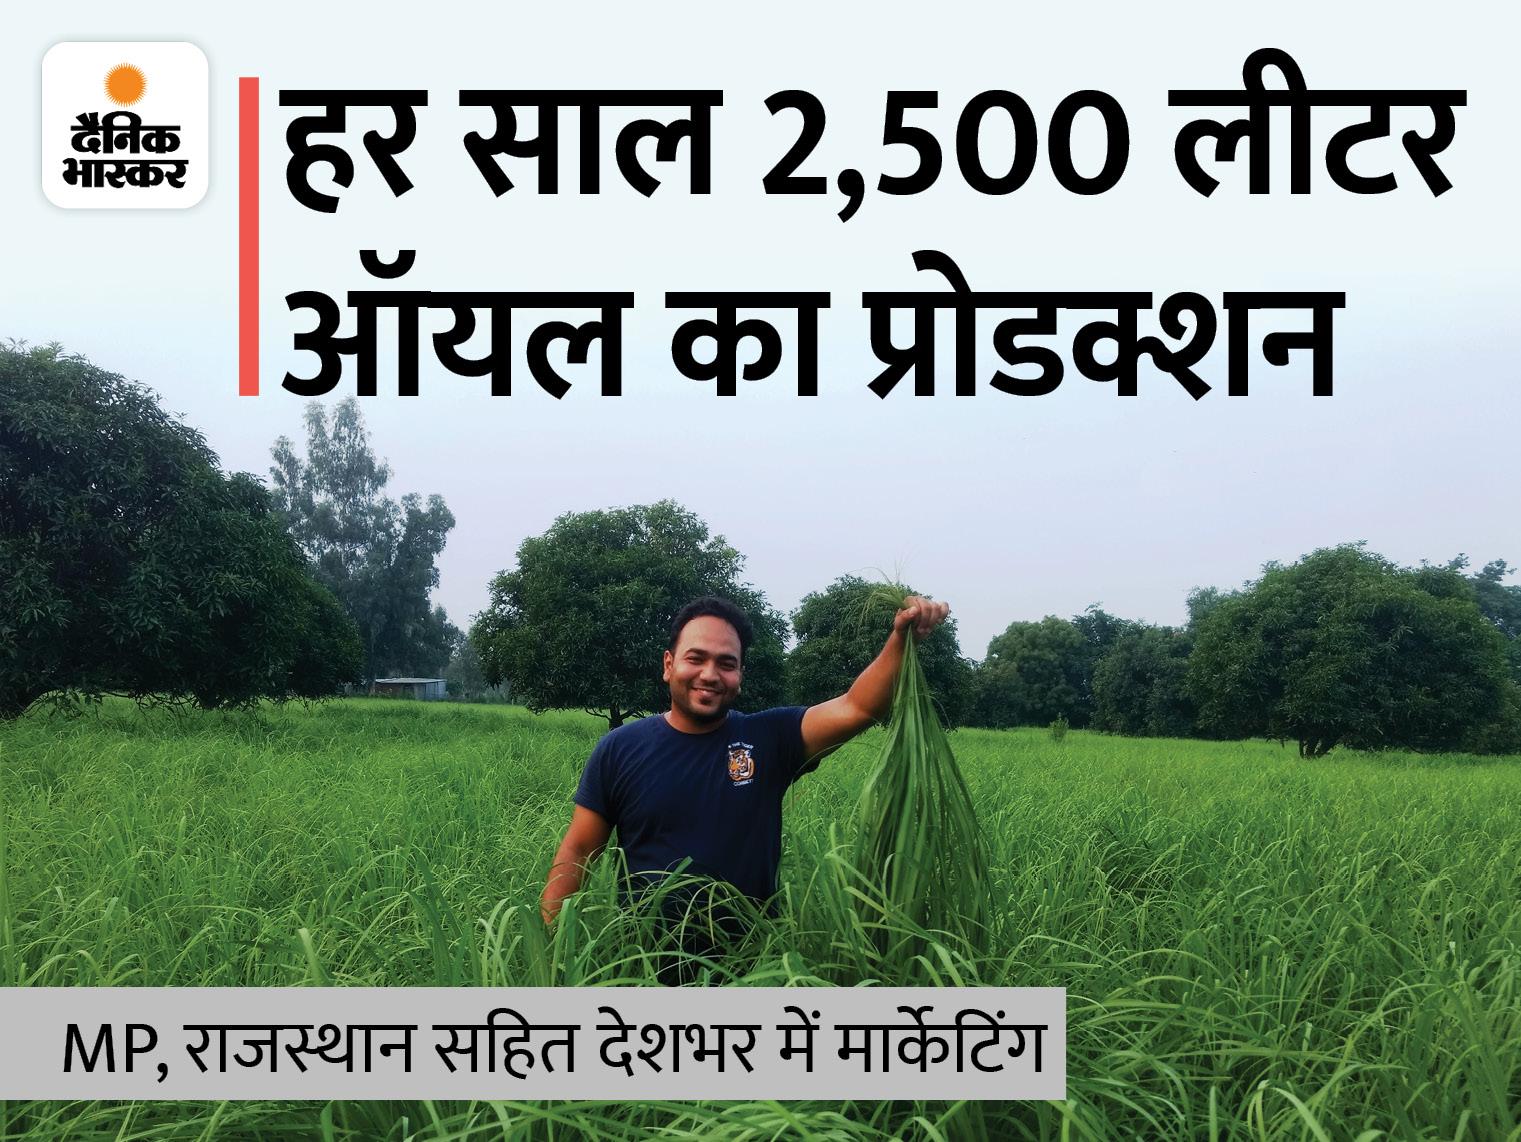 नौकरी छोड़ लखनऊ के समीर ने लेमन ग्रास की खेती शुरू की, अब लाखों में कमाई, 100 लोगों को नौकरी भी दी|DB ओरिजिनल,DB Original - Dainik Bhaskar